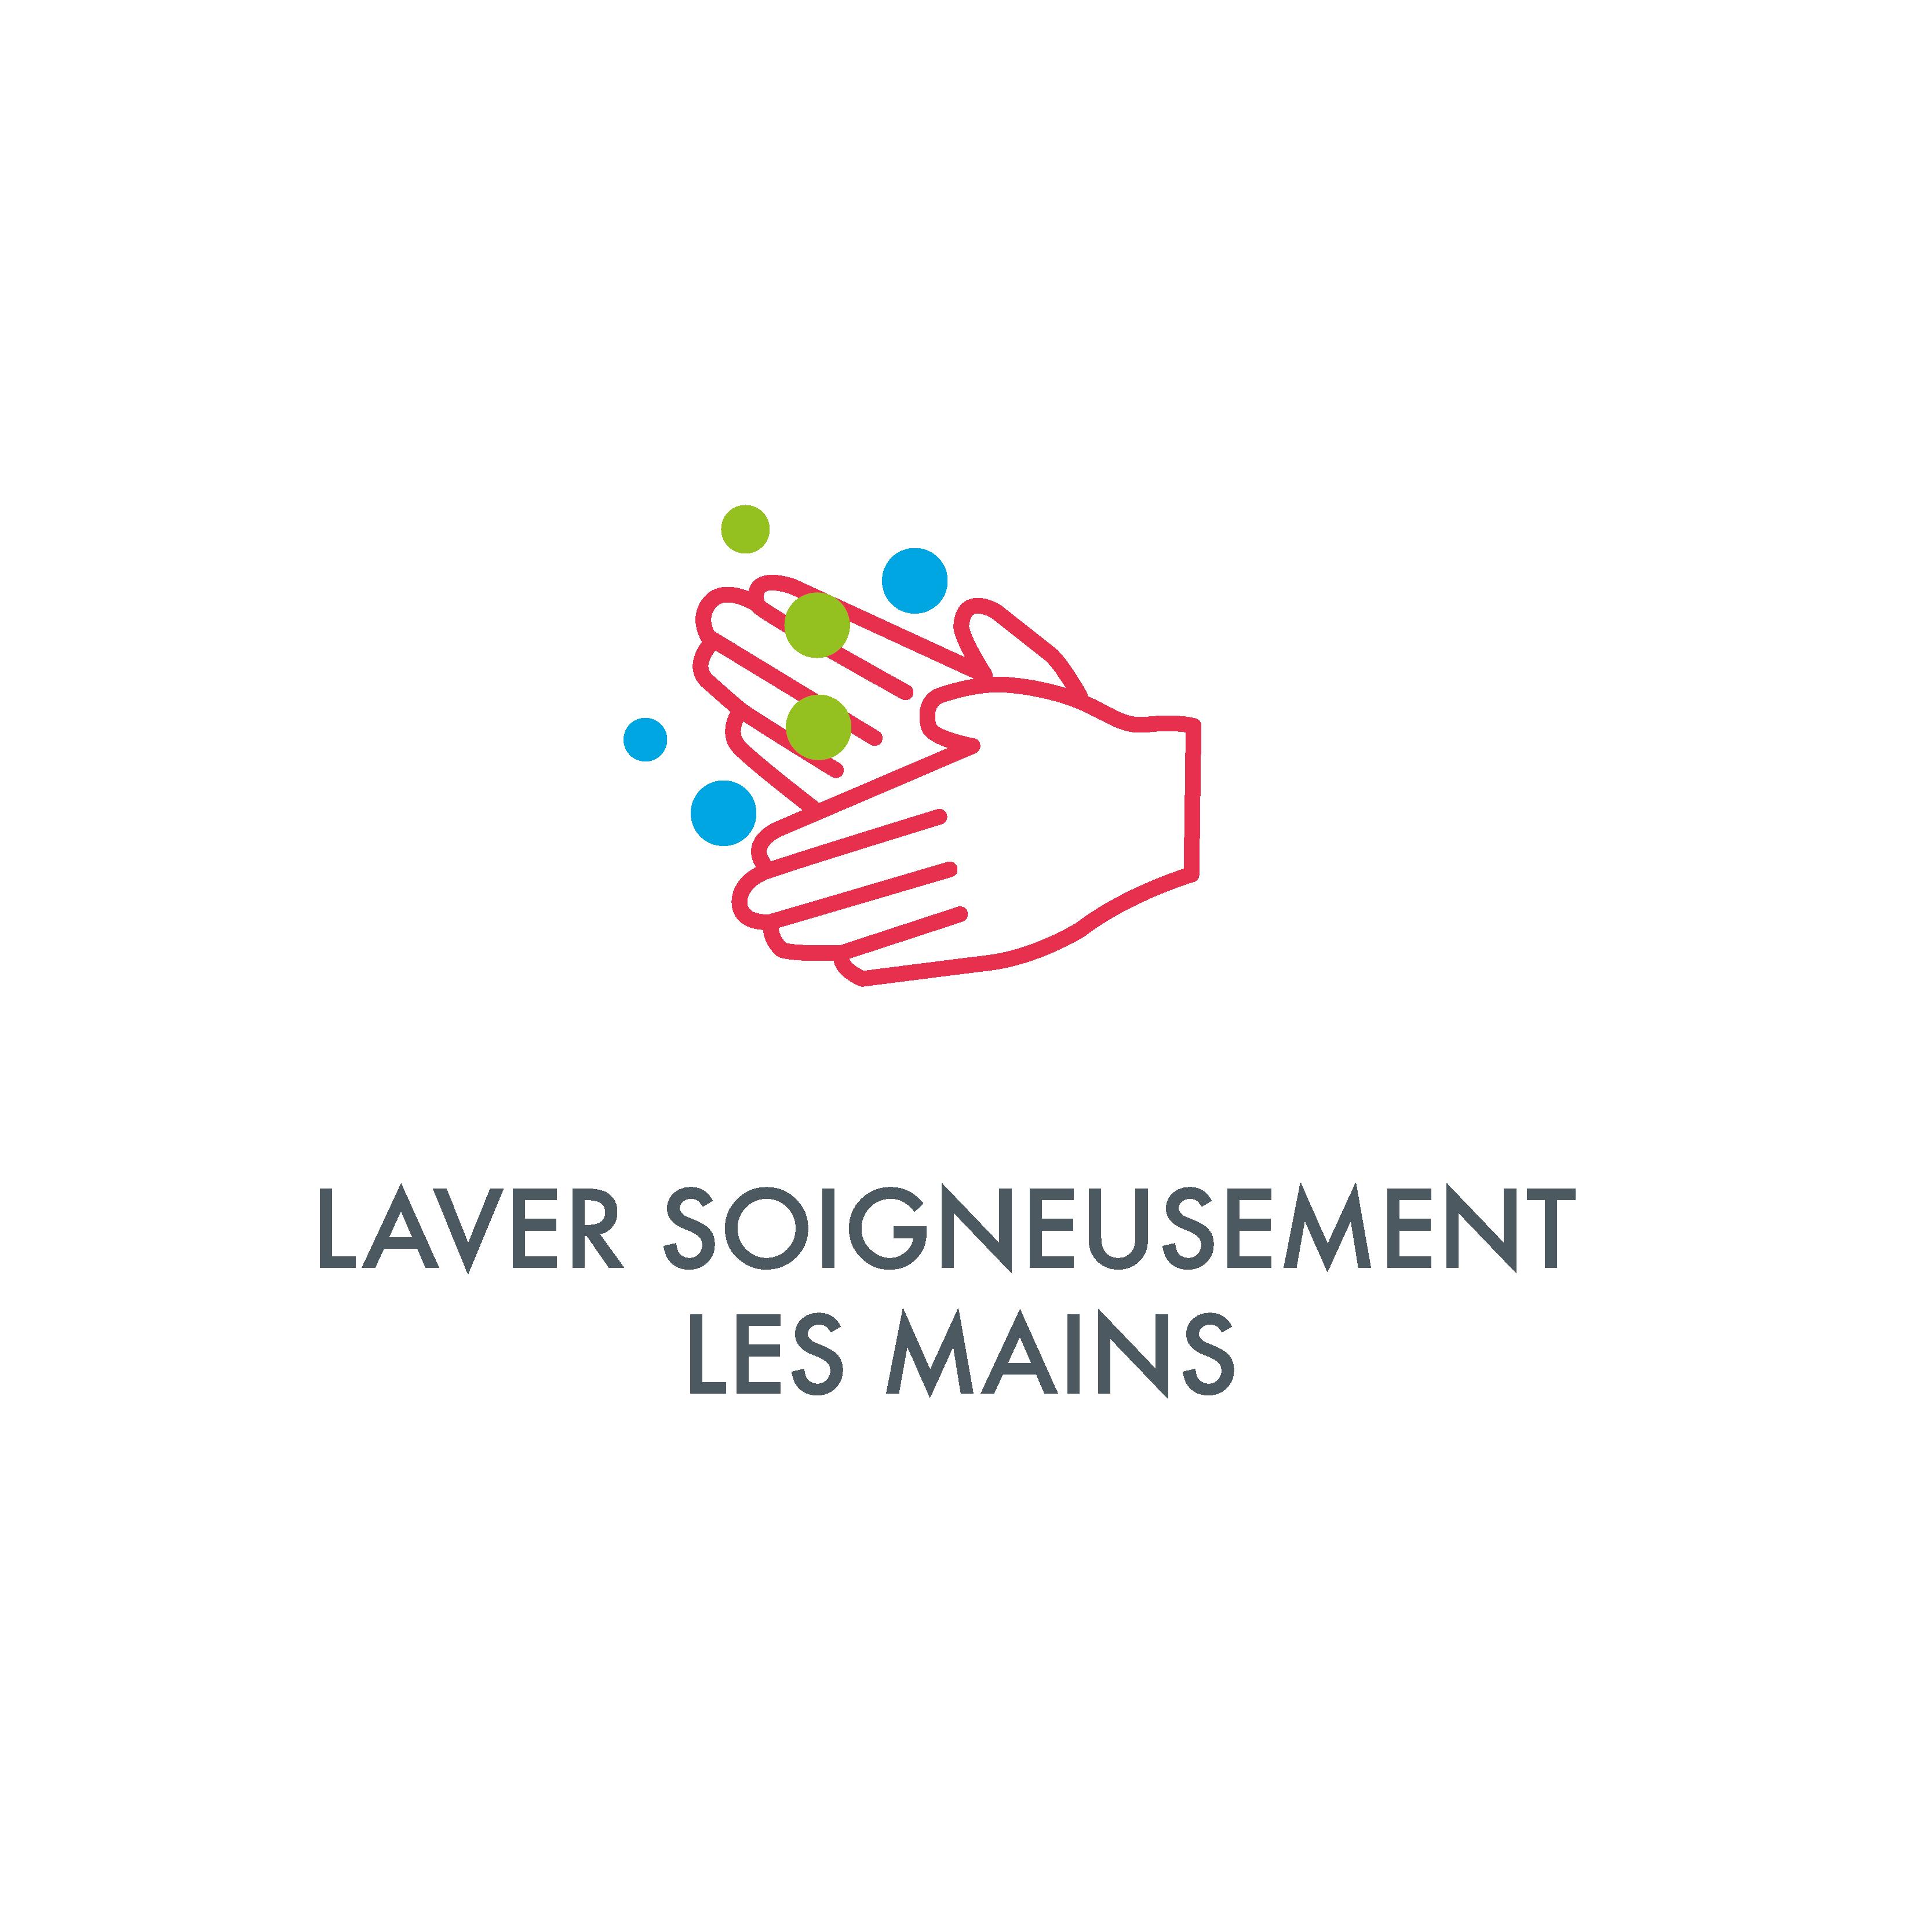 Laver_soigneusement_les_mains